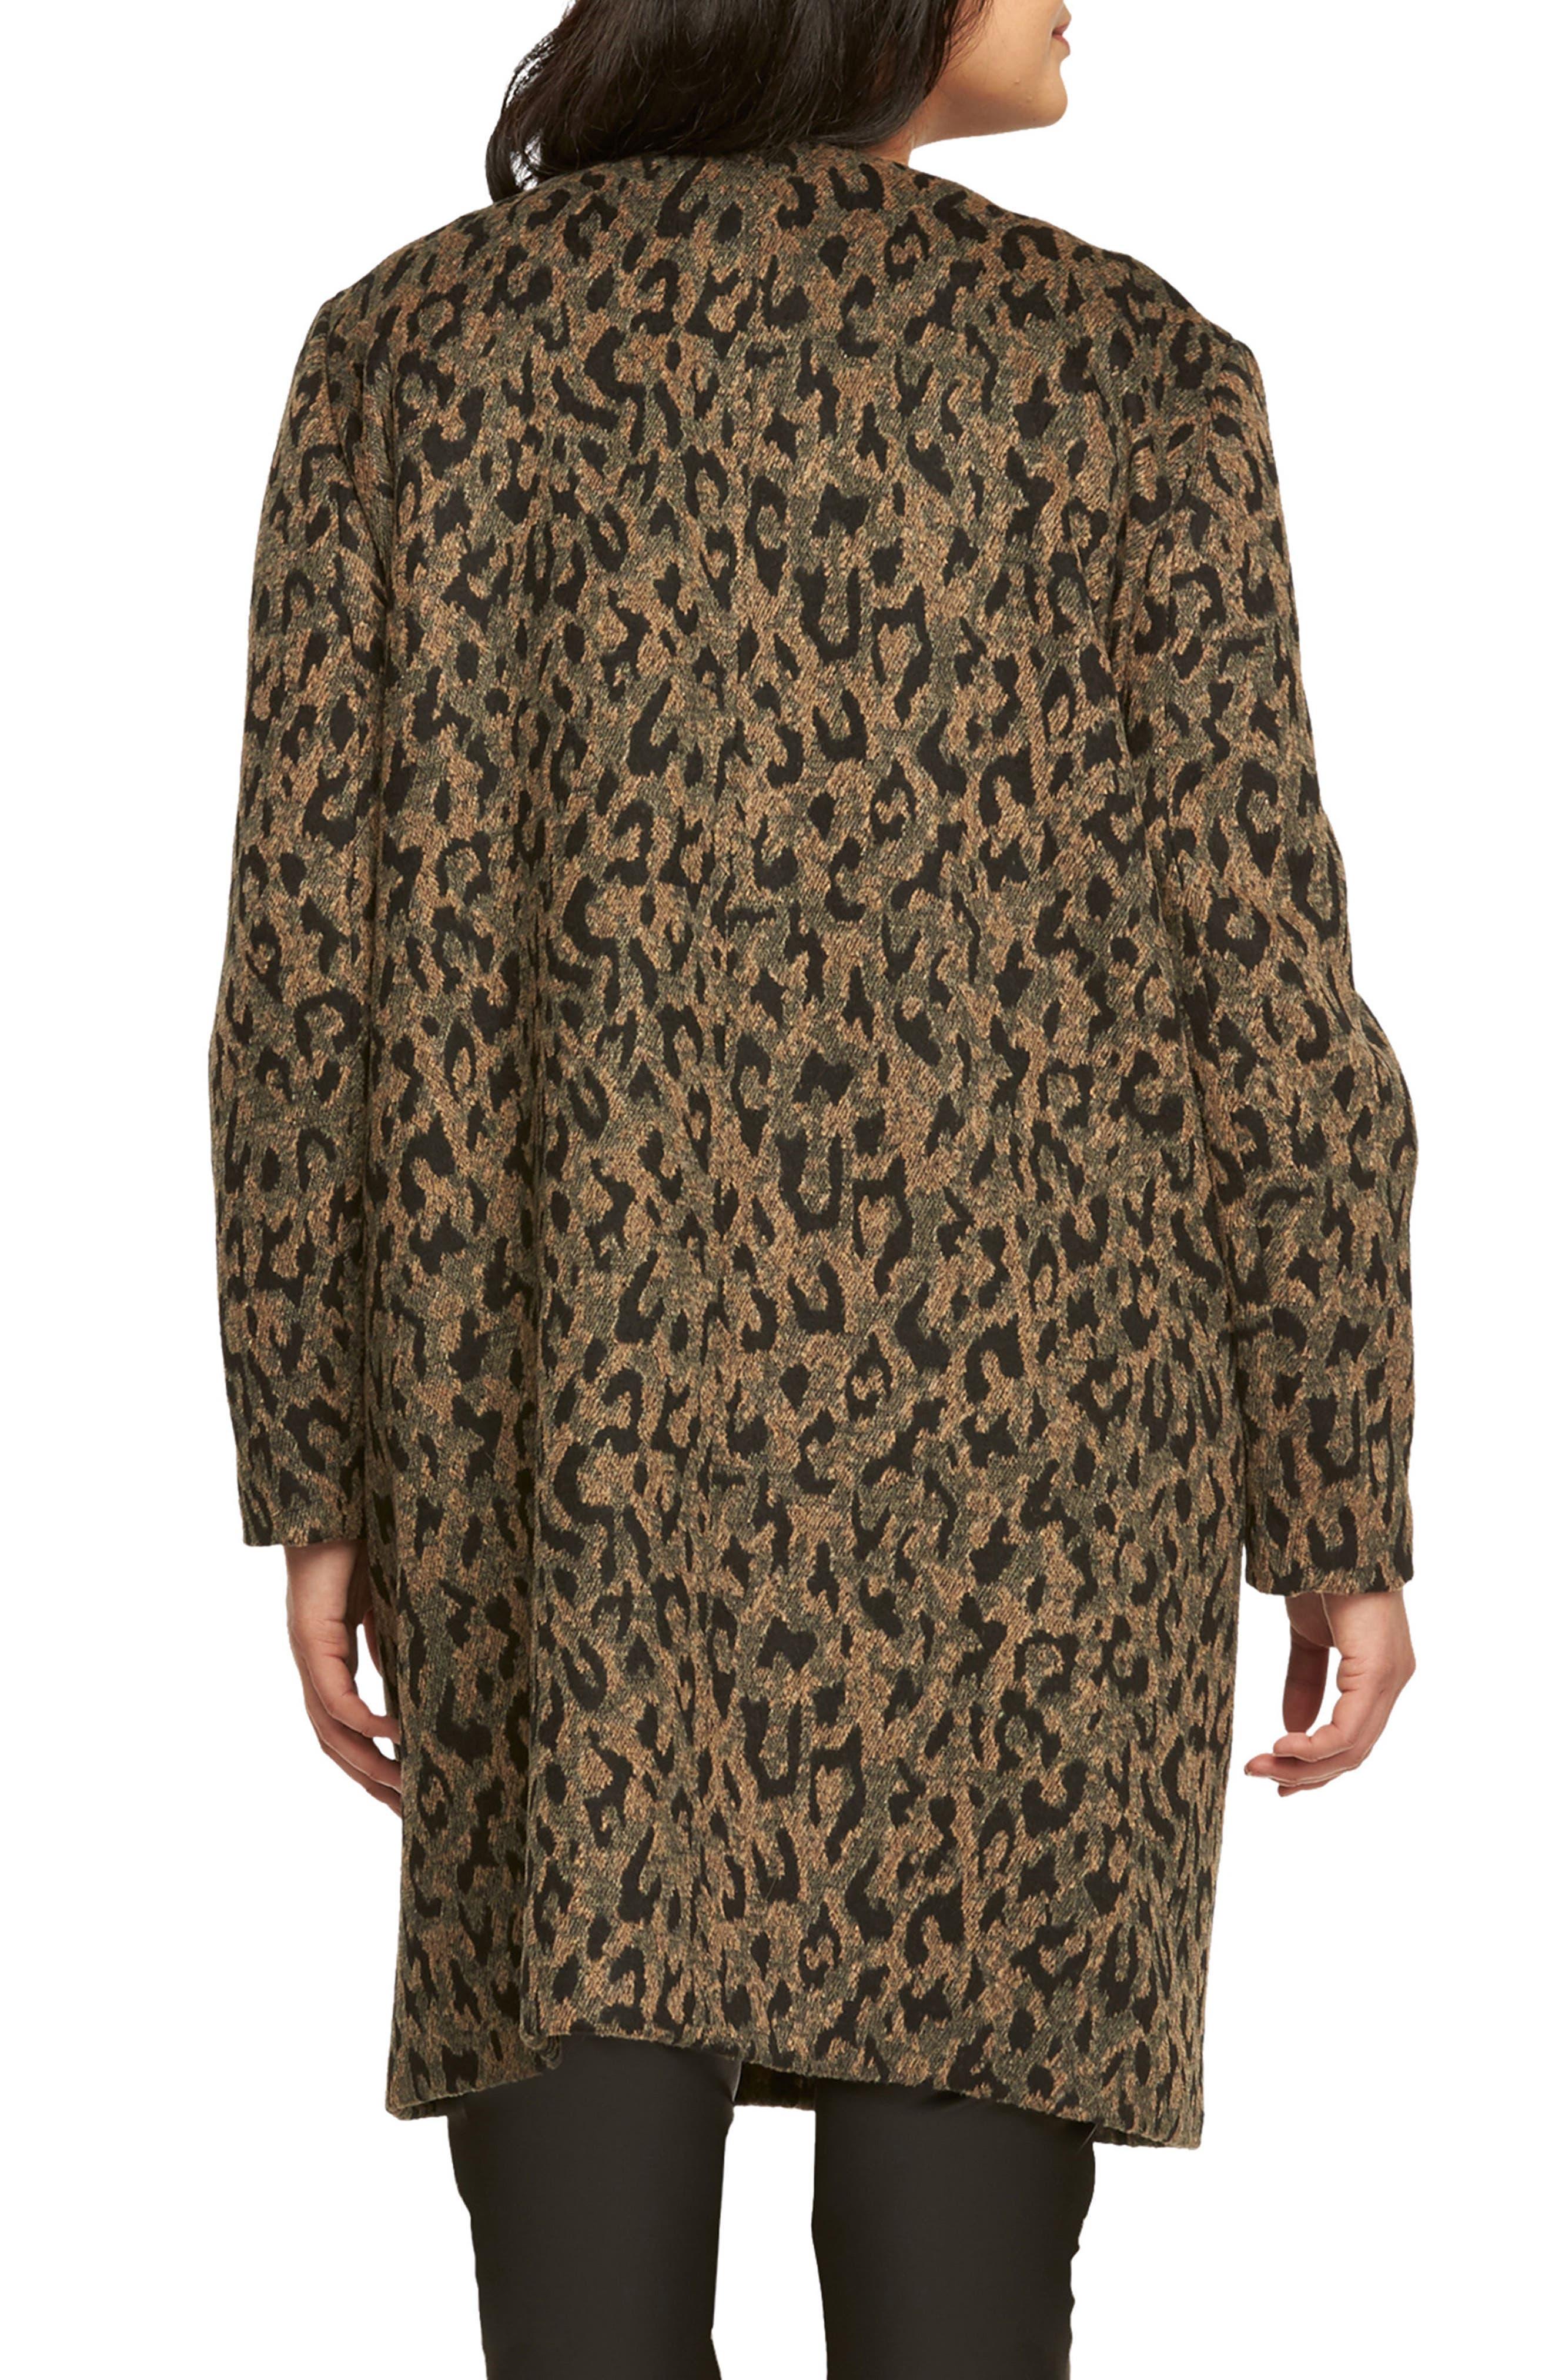 Ashton Leopard Print Coat,                             Alternate thumbnail 2, color,                             208